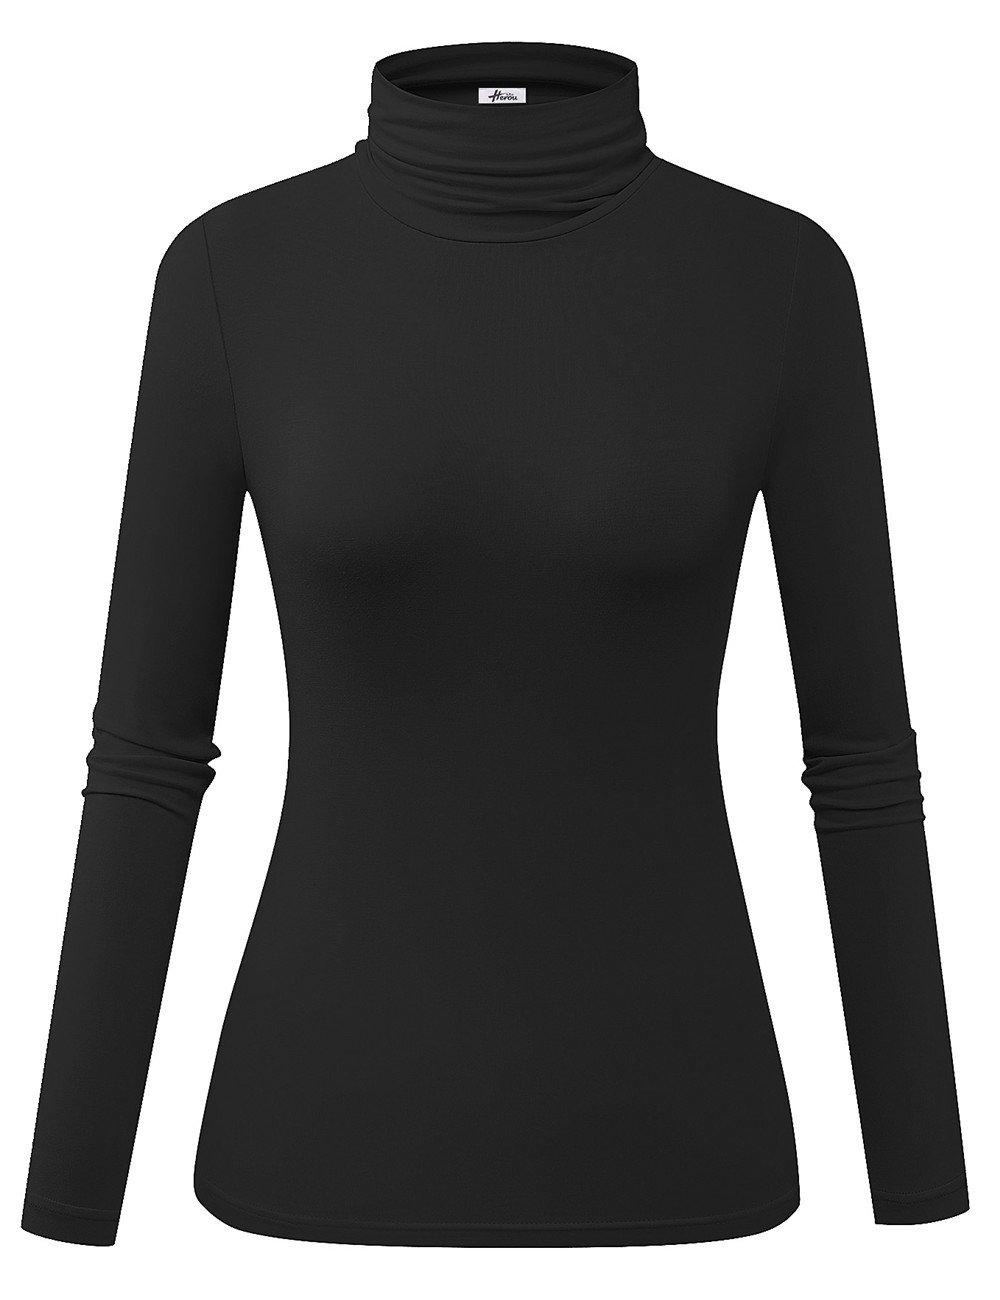 Herou Women Modal Lightweight Long Sleeve Top (Black,Small)